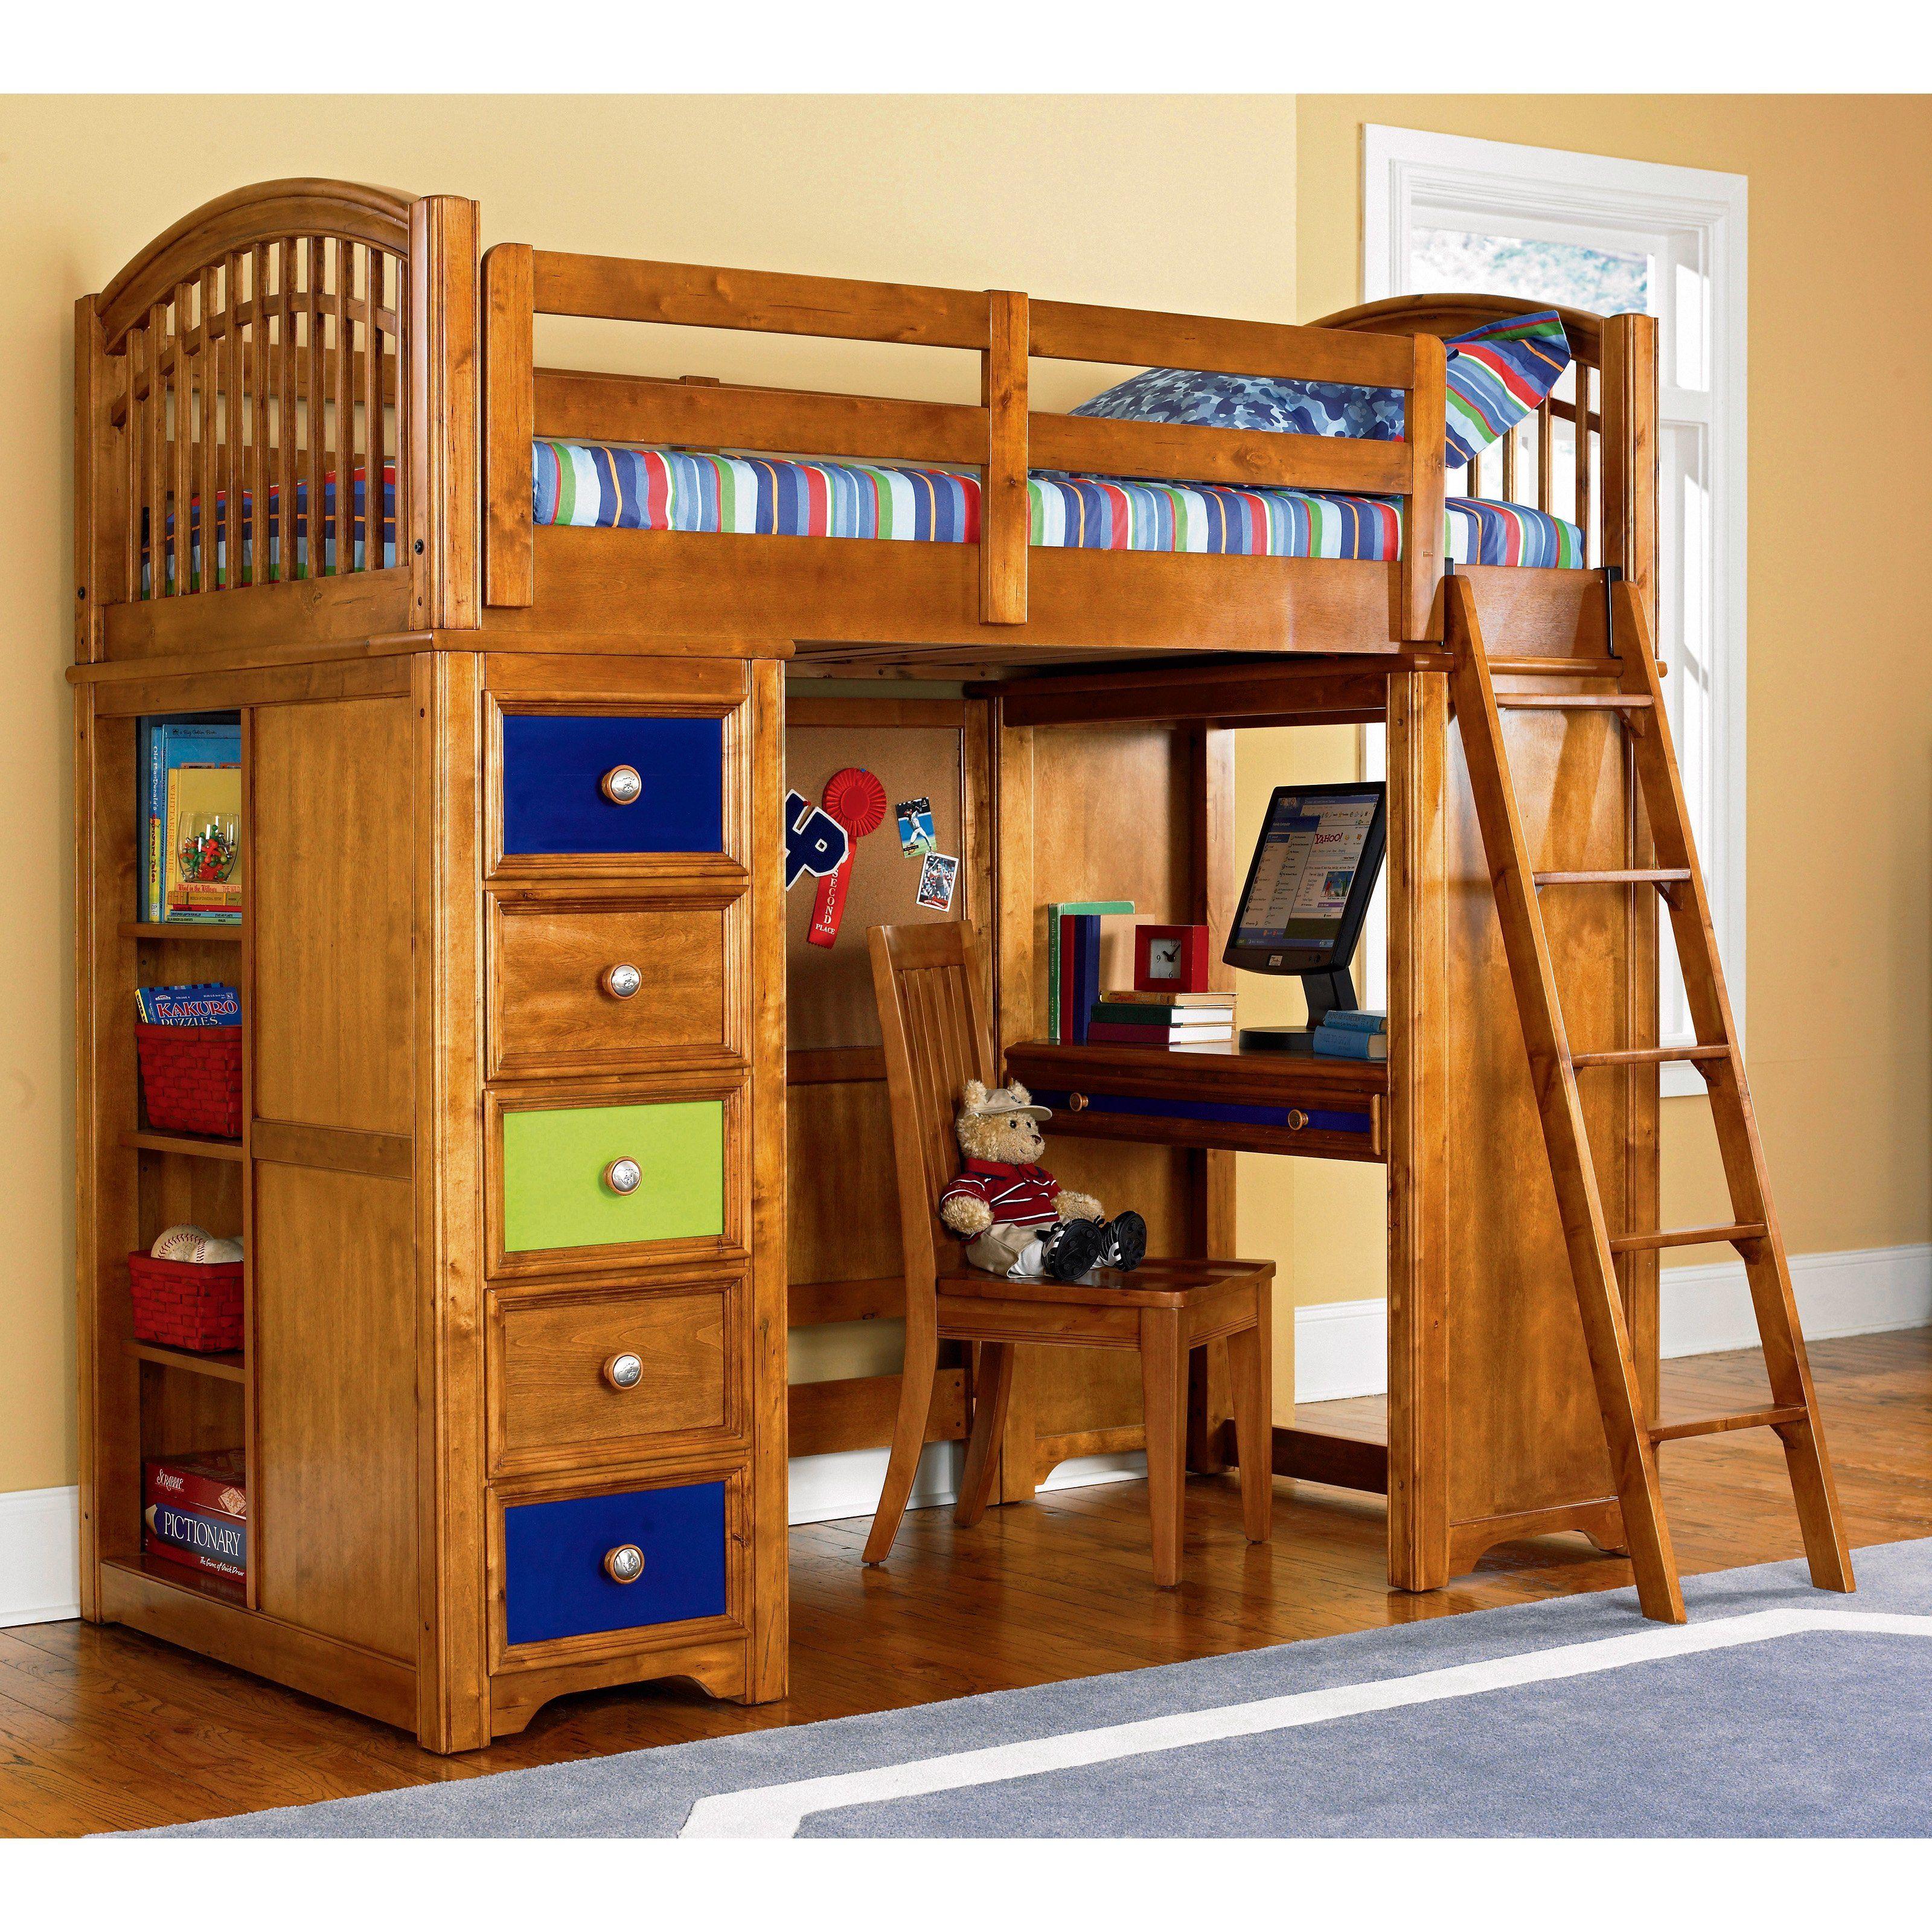 1000 images about loft bed with dresserdesk on pinterest loft beds trundle beds and desks bunk bed dresser desk